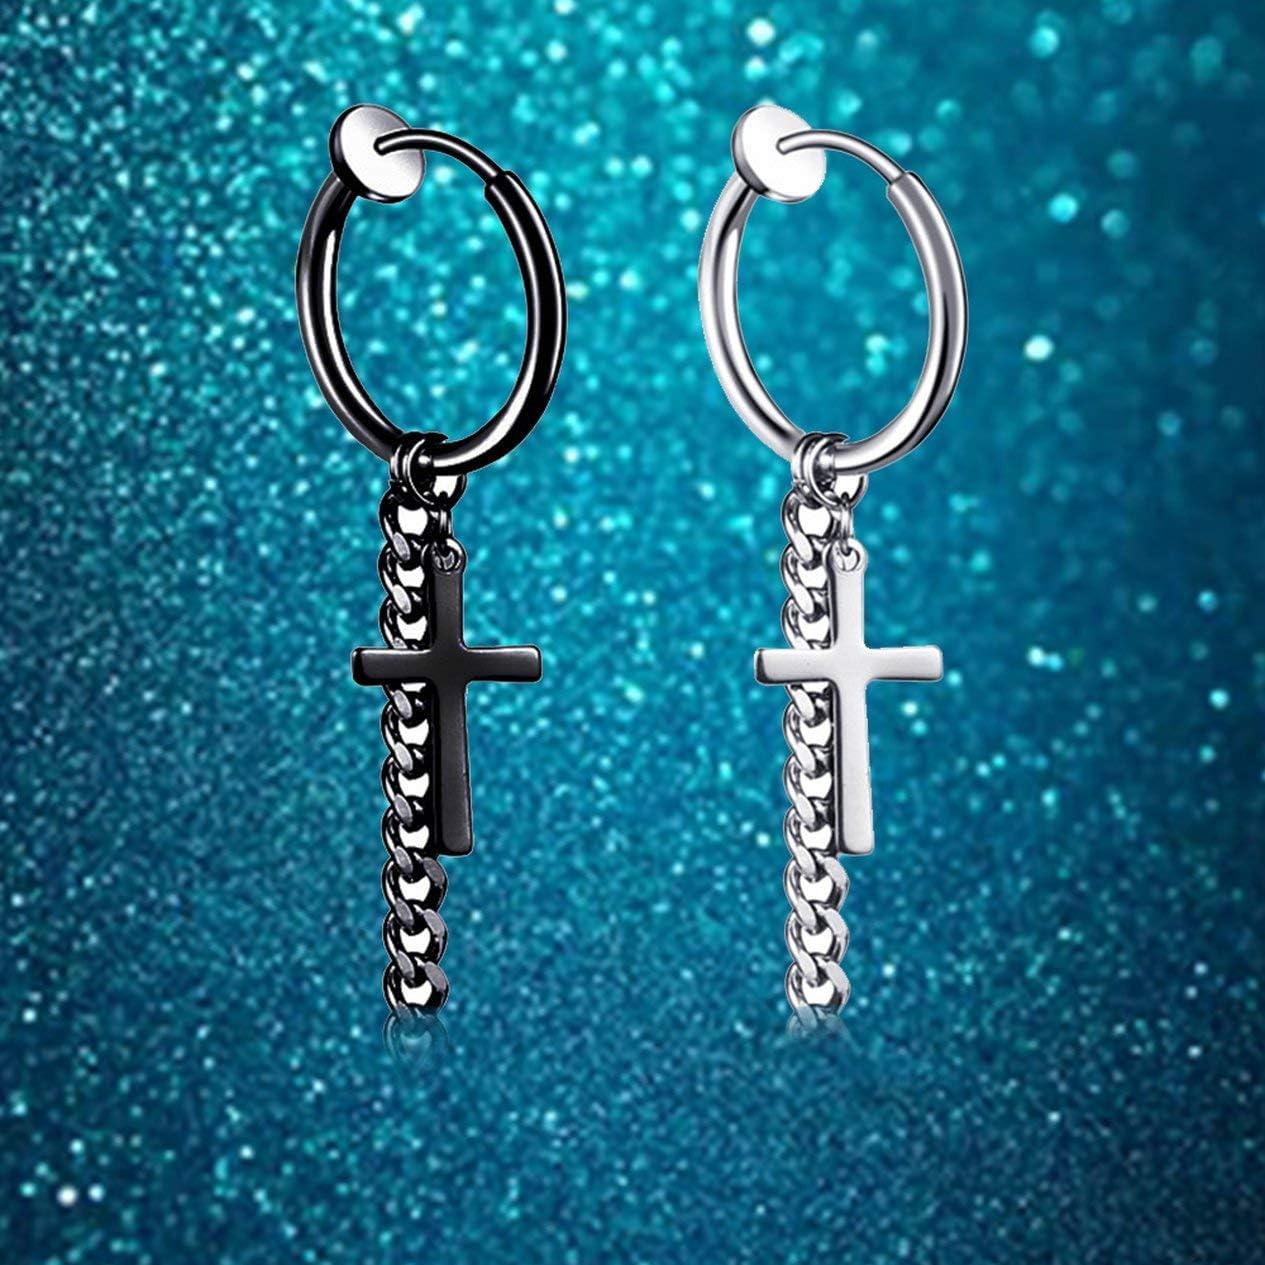 Unique Hip-hop Style Male Stainless Steel Hoop Ear Clip Circle Tassel Drop Dangle Earring Cross Ear Clip-Steel BCVBFGCXVB